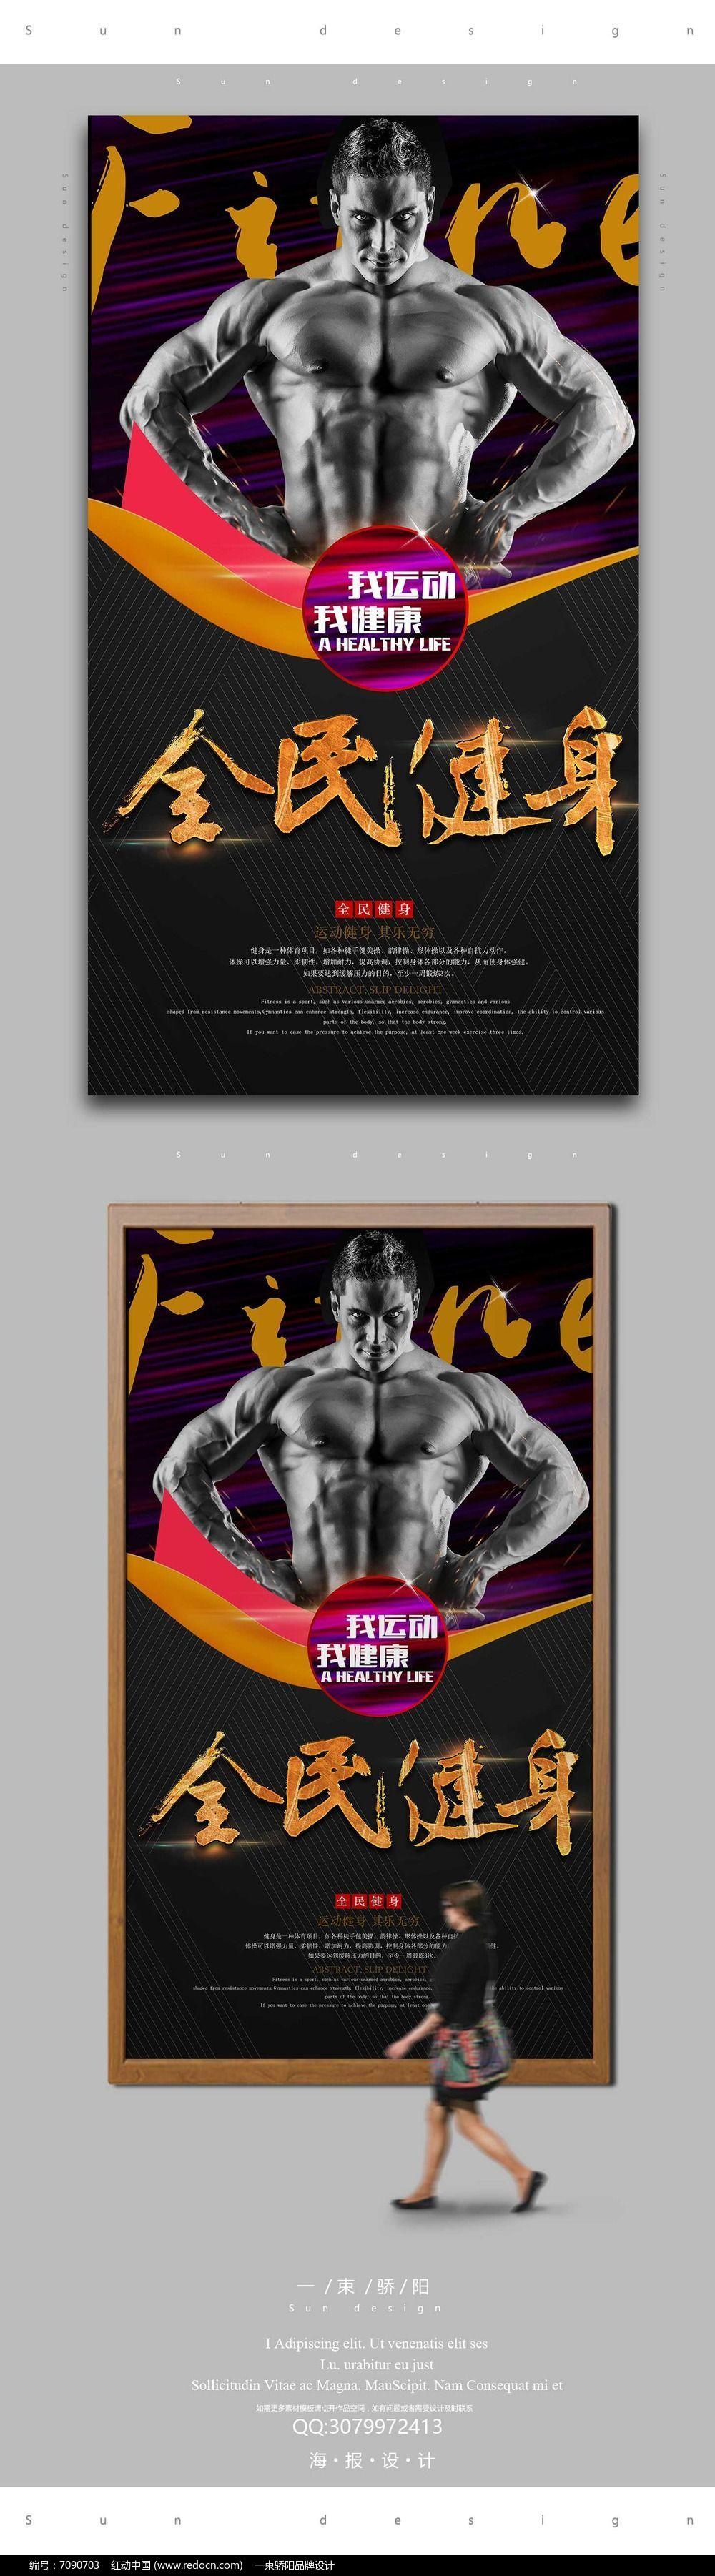 时尚全民健身海报设计PSD图片